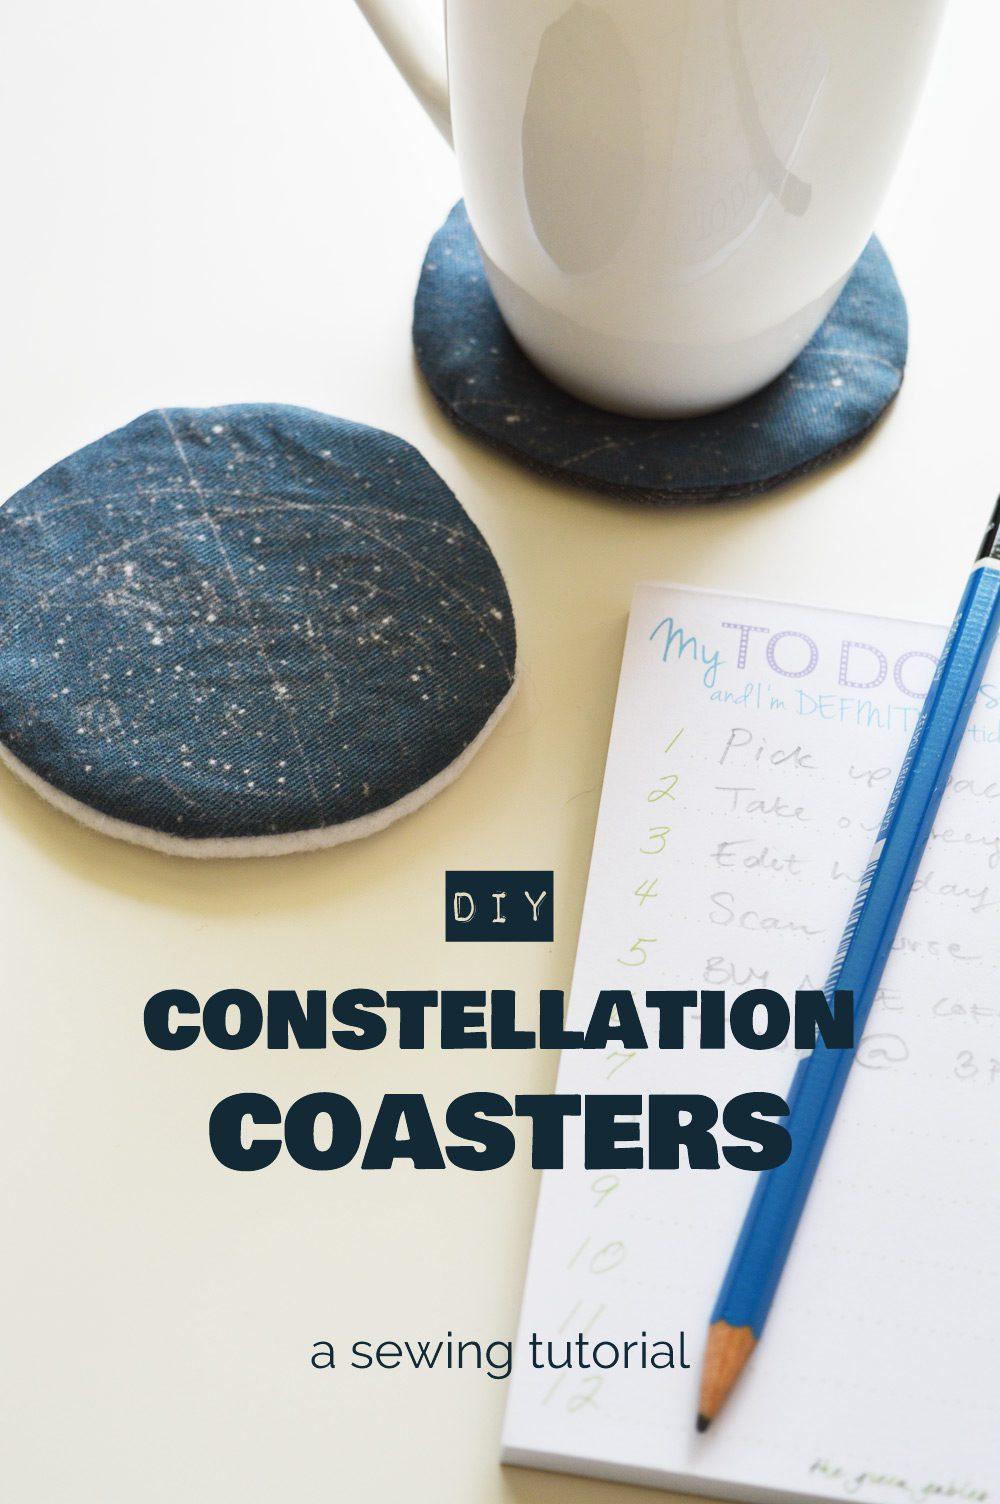 DIY constellation coasters tutorial